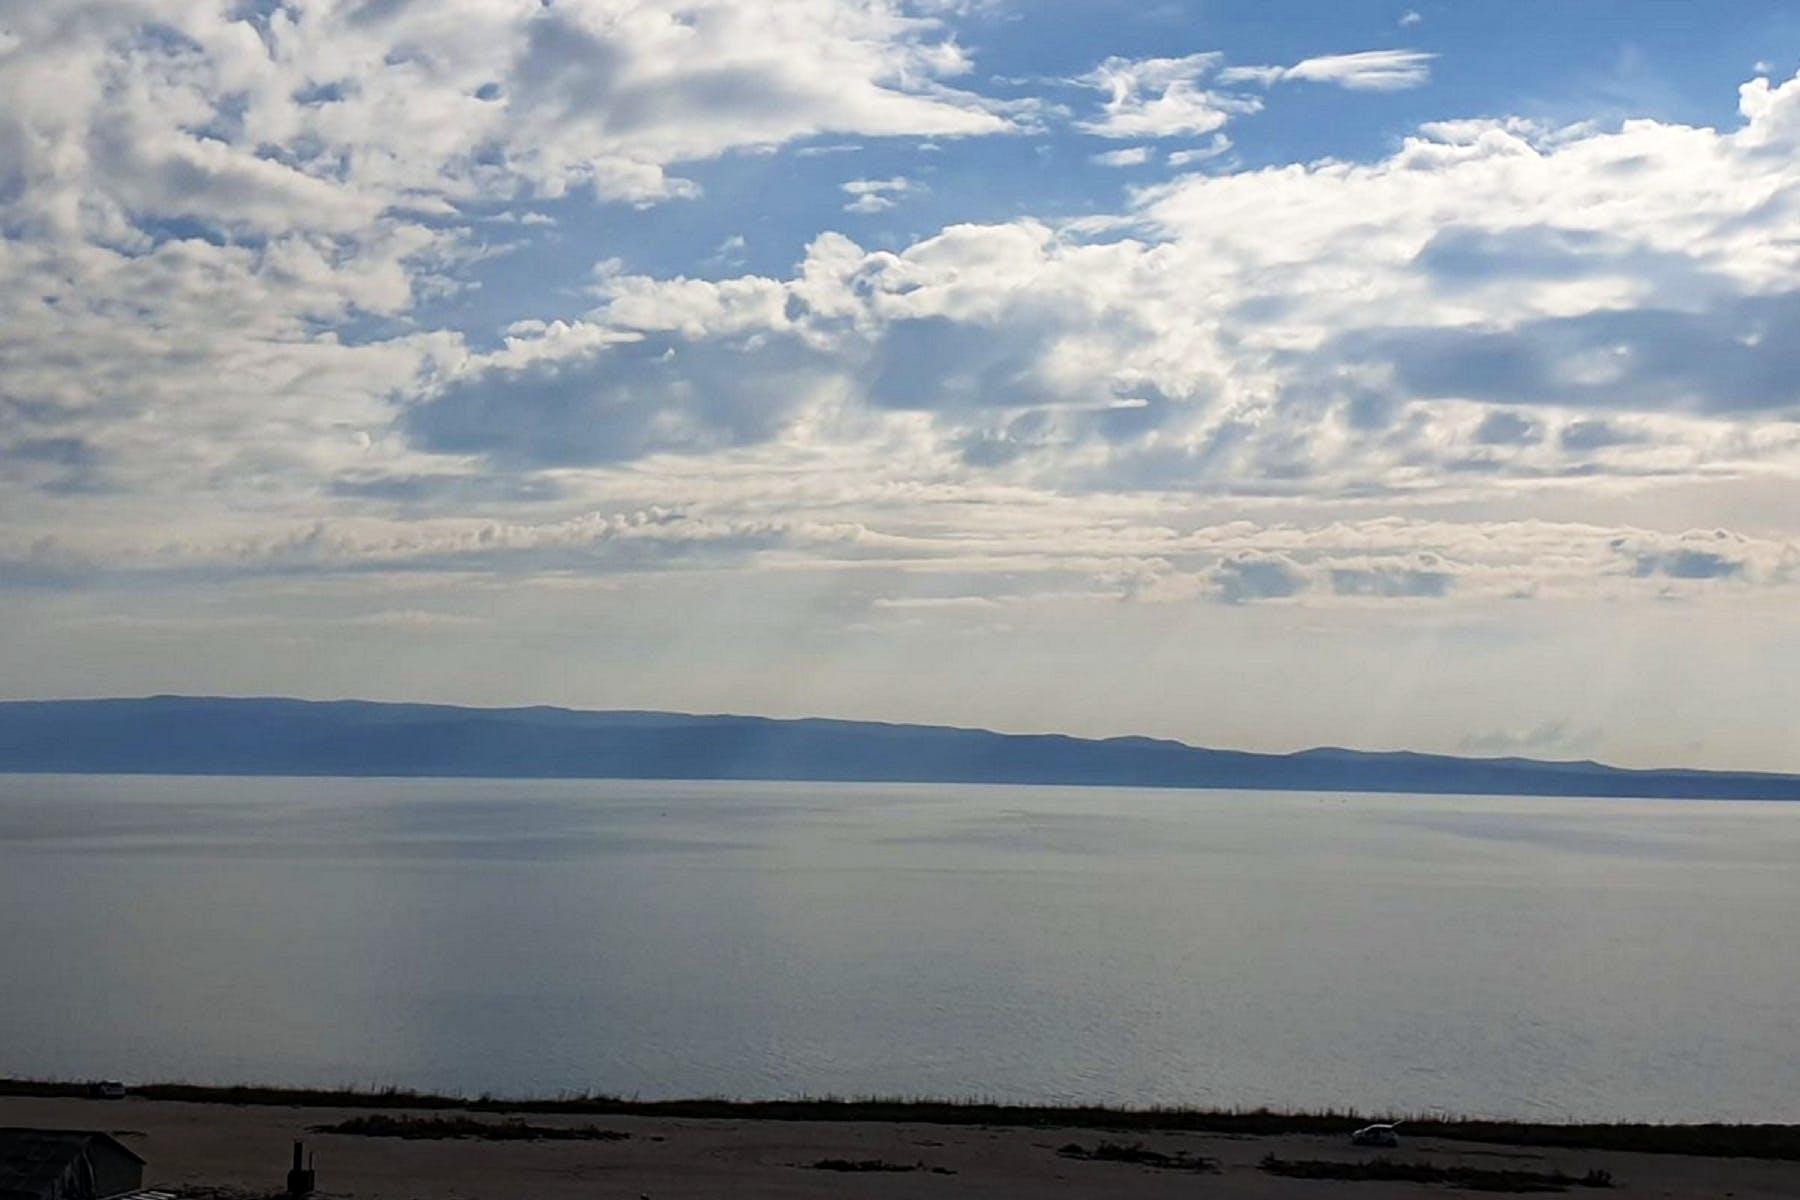 Mediterranean atmosphere